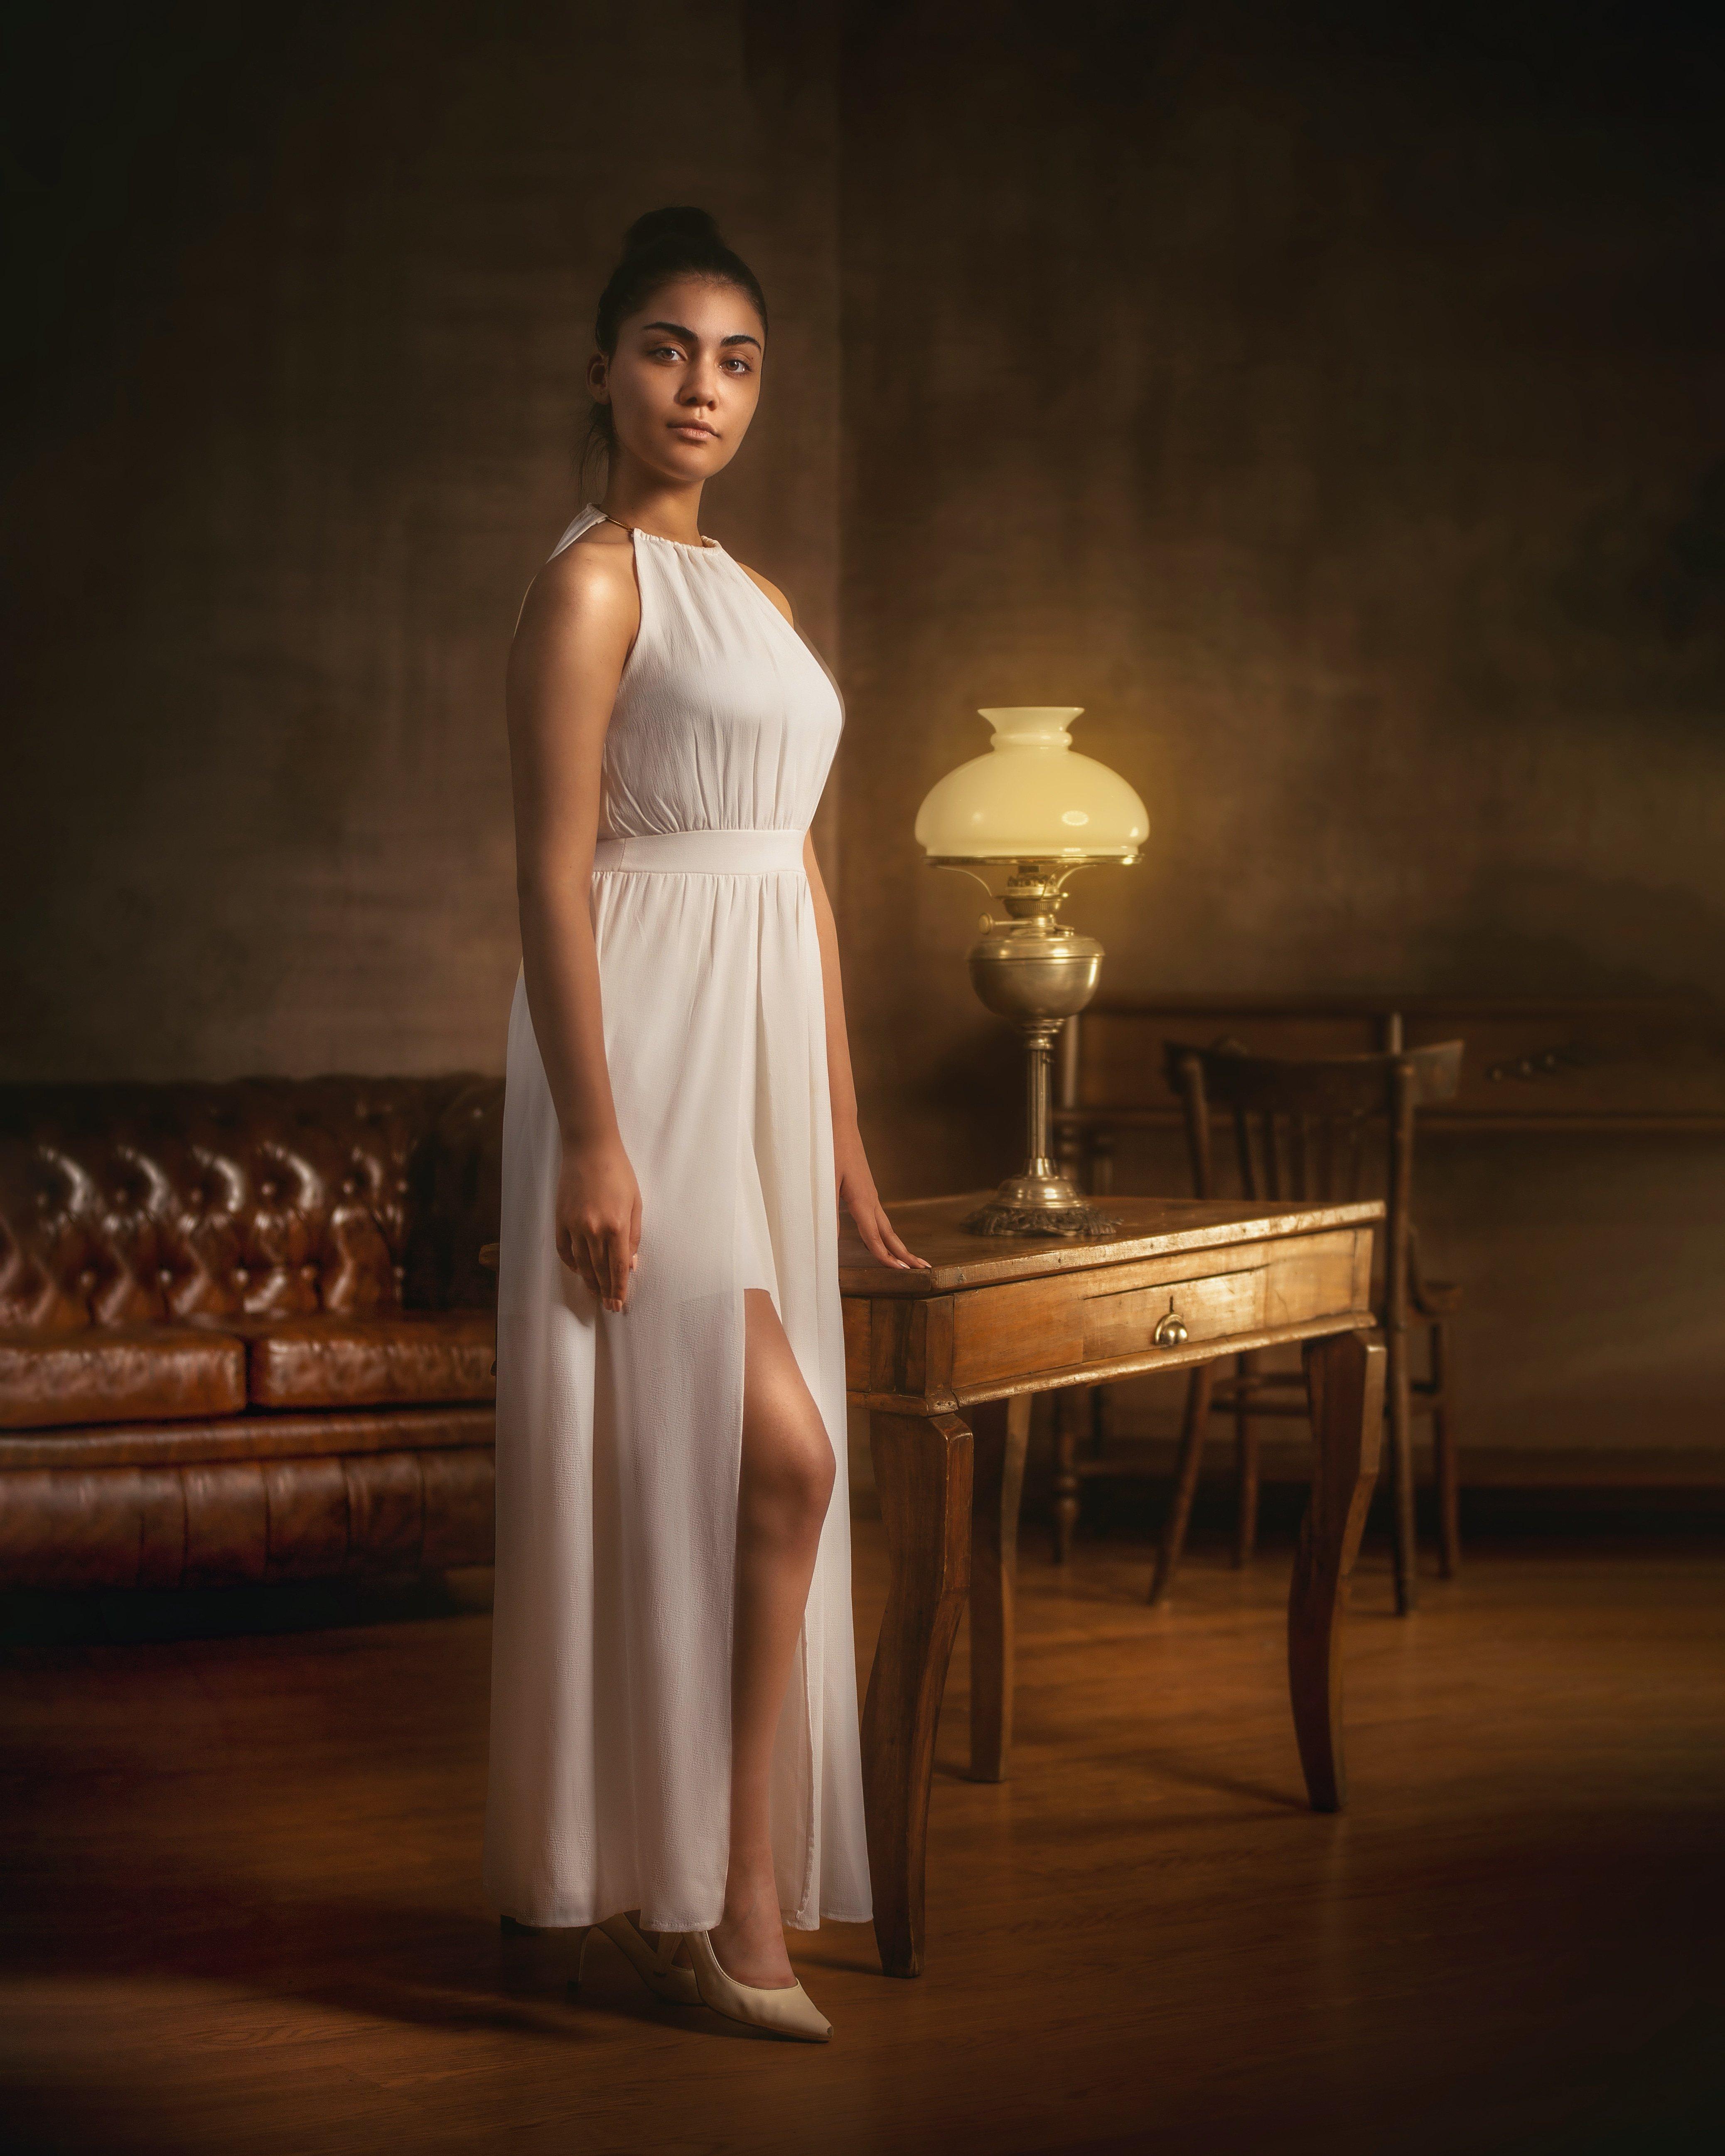 #portrait#female_portrait, Saeinasab Vahidreza